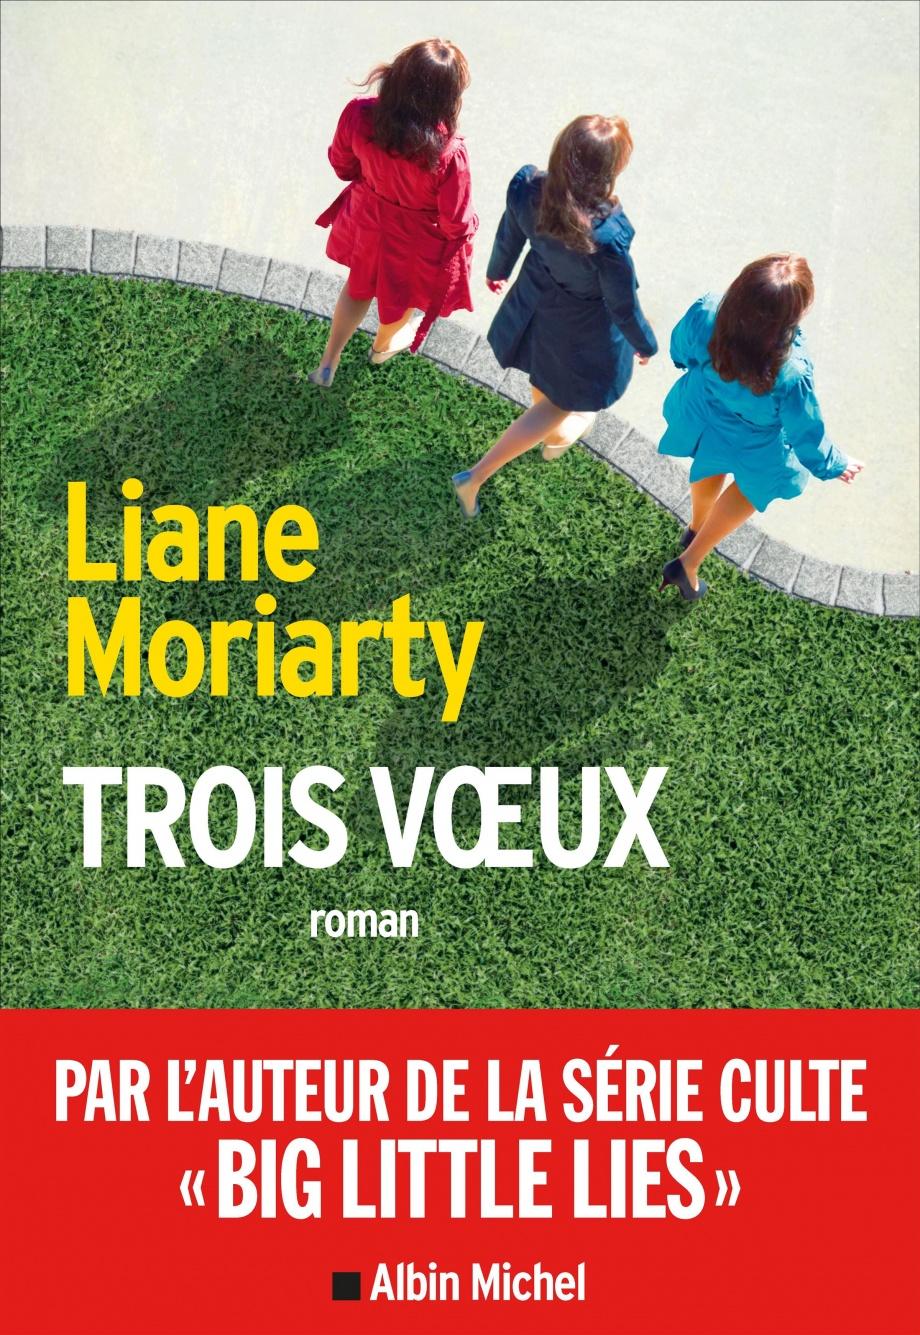 Le Secret Du Mari Pdf : secret, Trois, Voeux, Liane, Moriarty, Littérature, Roman, Canadien, étranger, Leslibraires.ca